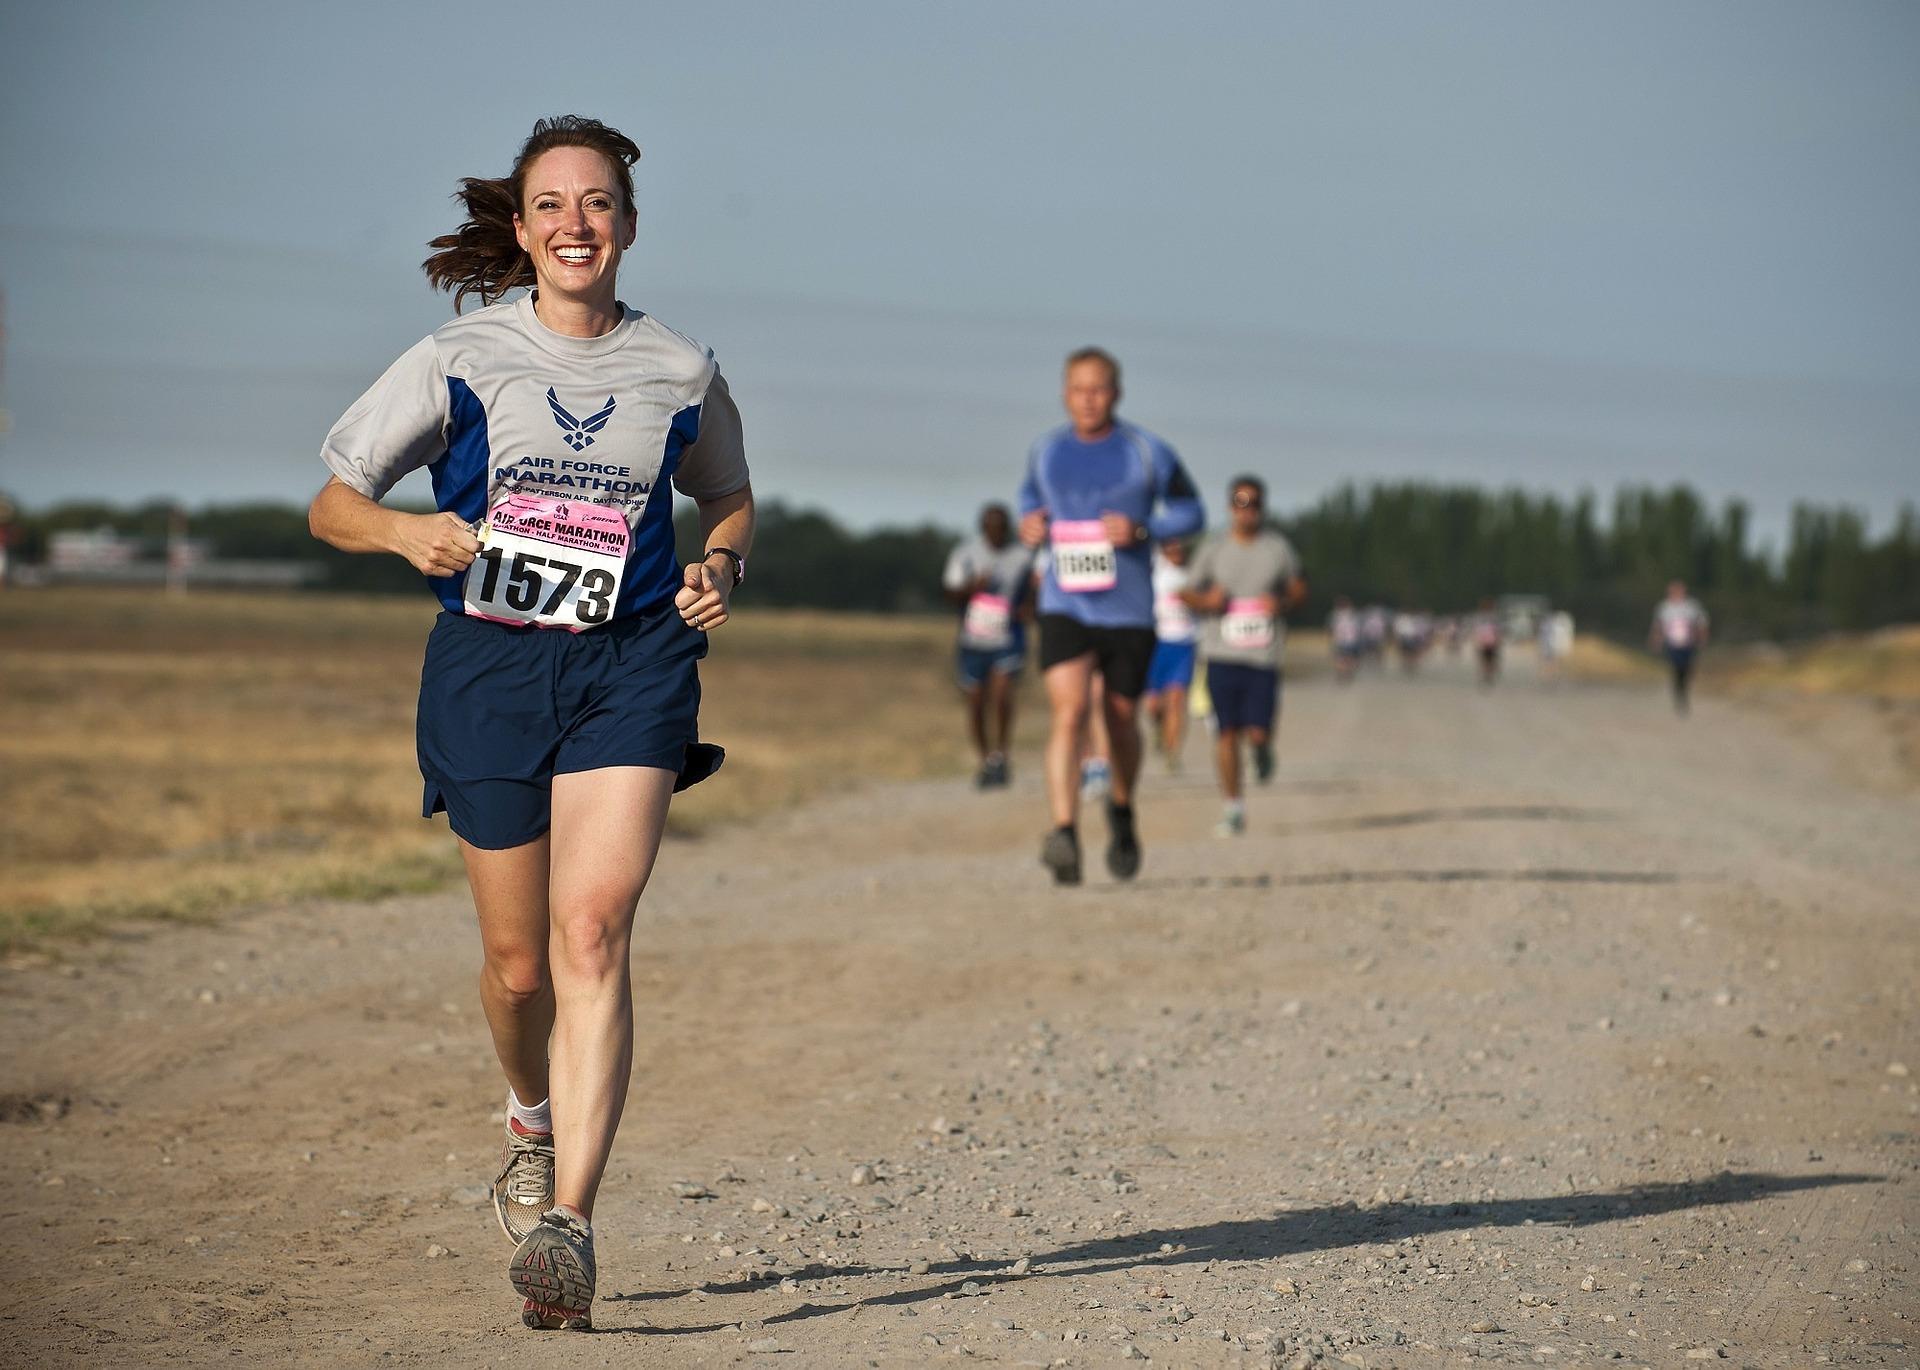 Спортсмены из России, Казахстана, Туркмении и Чехии примут участие в марафоне в курганском Шадринске